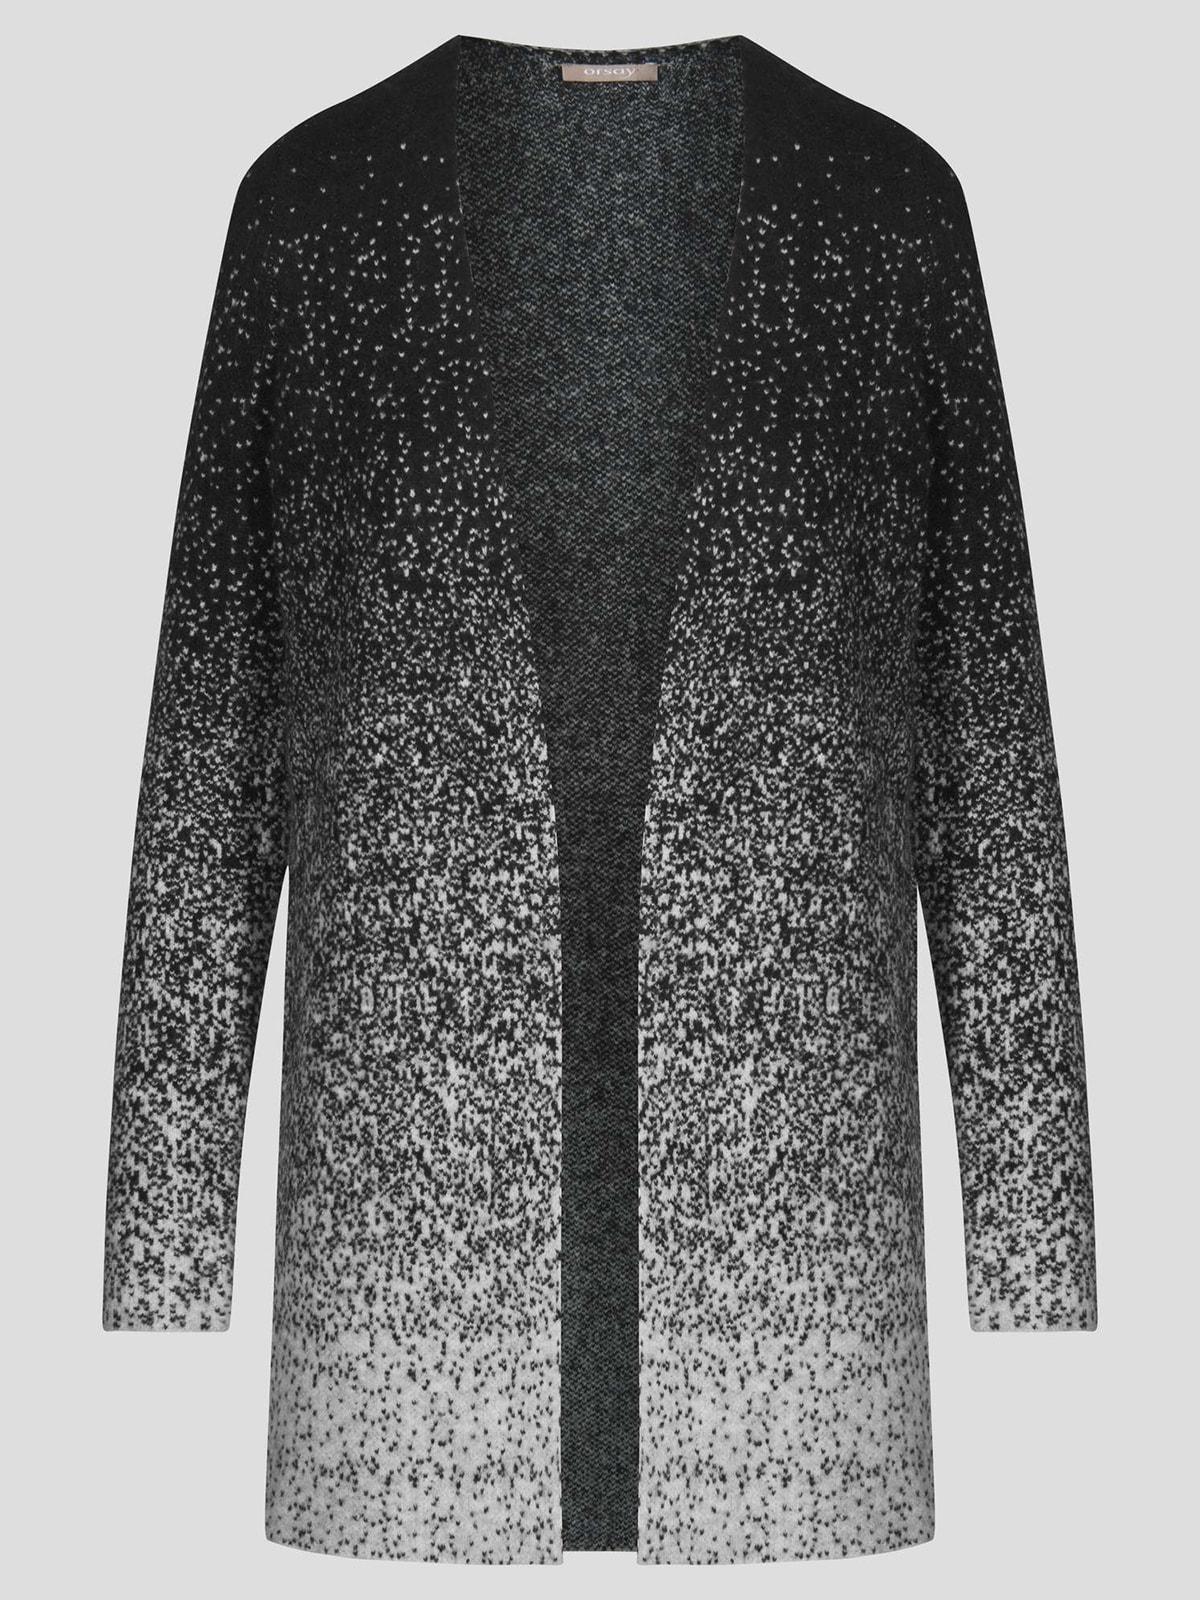 Кардиган черно-серый | 4710656 | фото 3